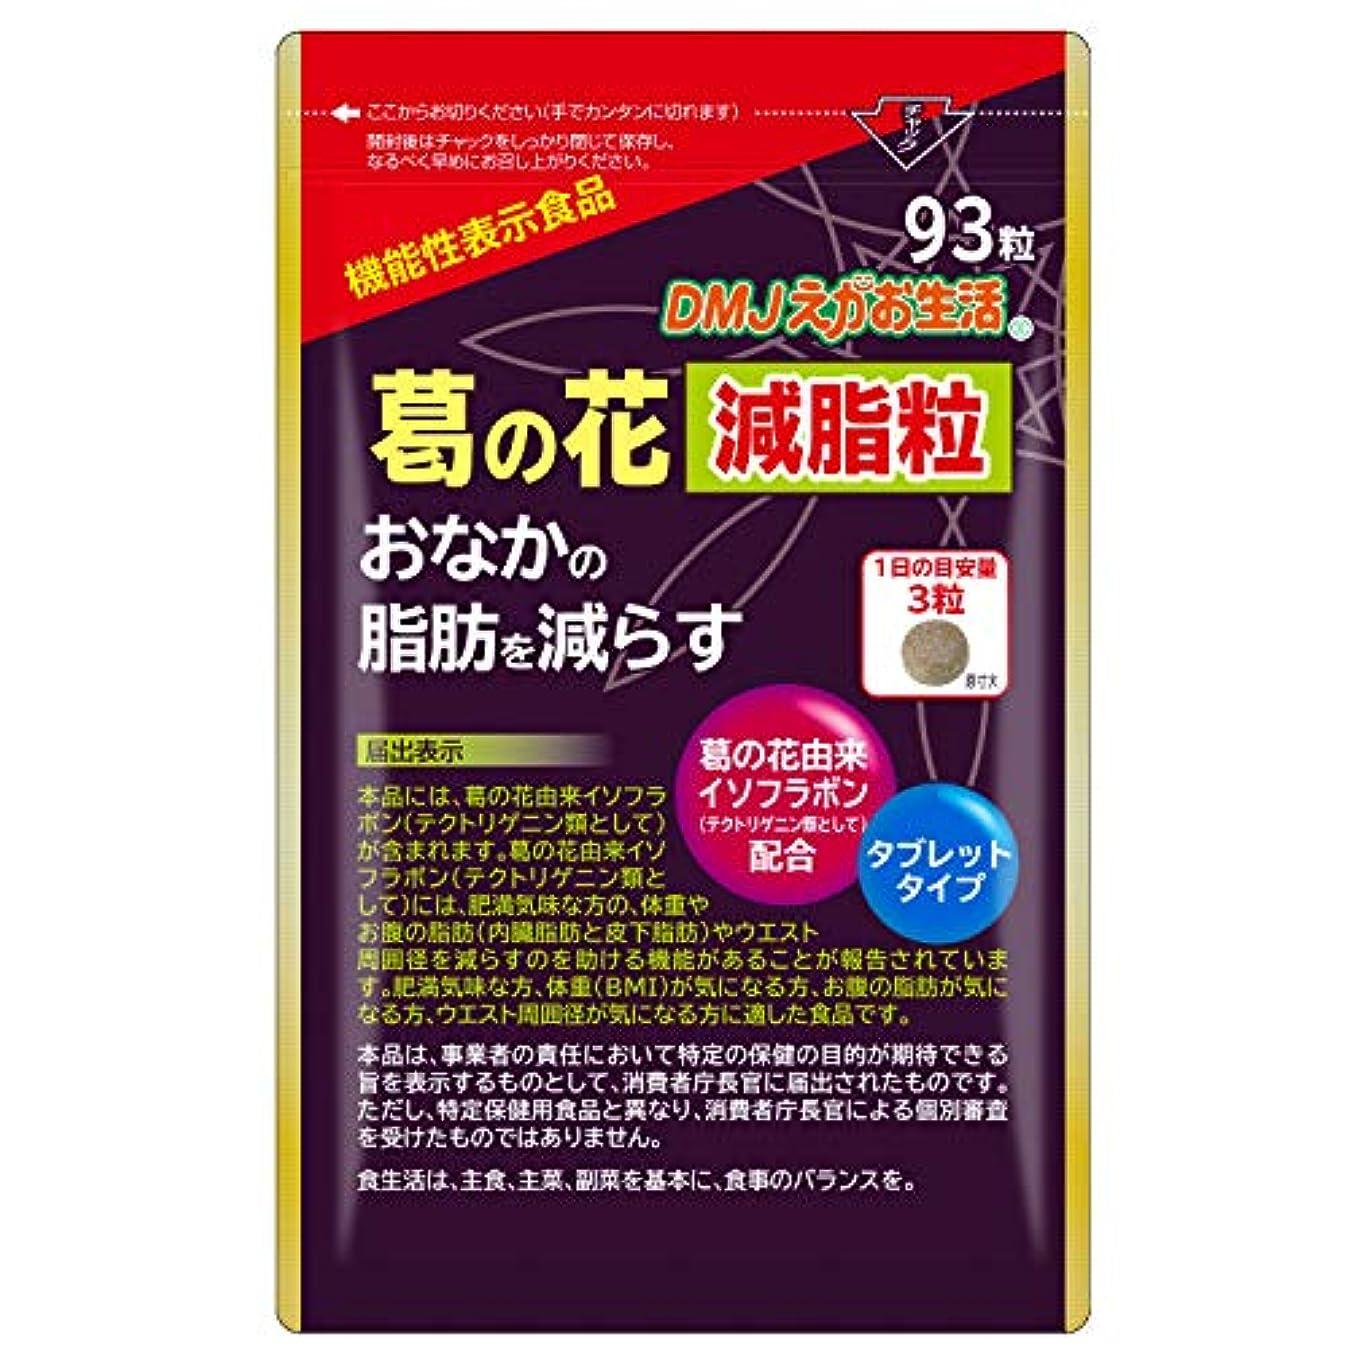 放棄する起こるオークランド葛の花減脂粒 [体重ケア サプリメント/DMJえがお生活] 葛の花イソフラボン含有 内臓脂肪 (機能性表示食品) 肥満 日本製 31日分